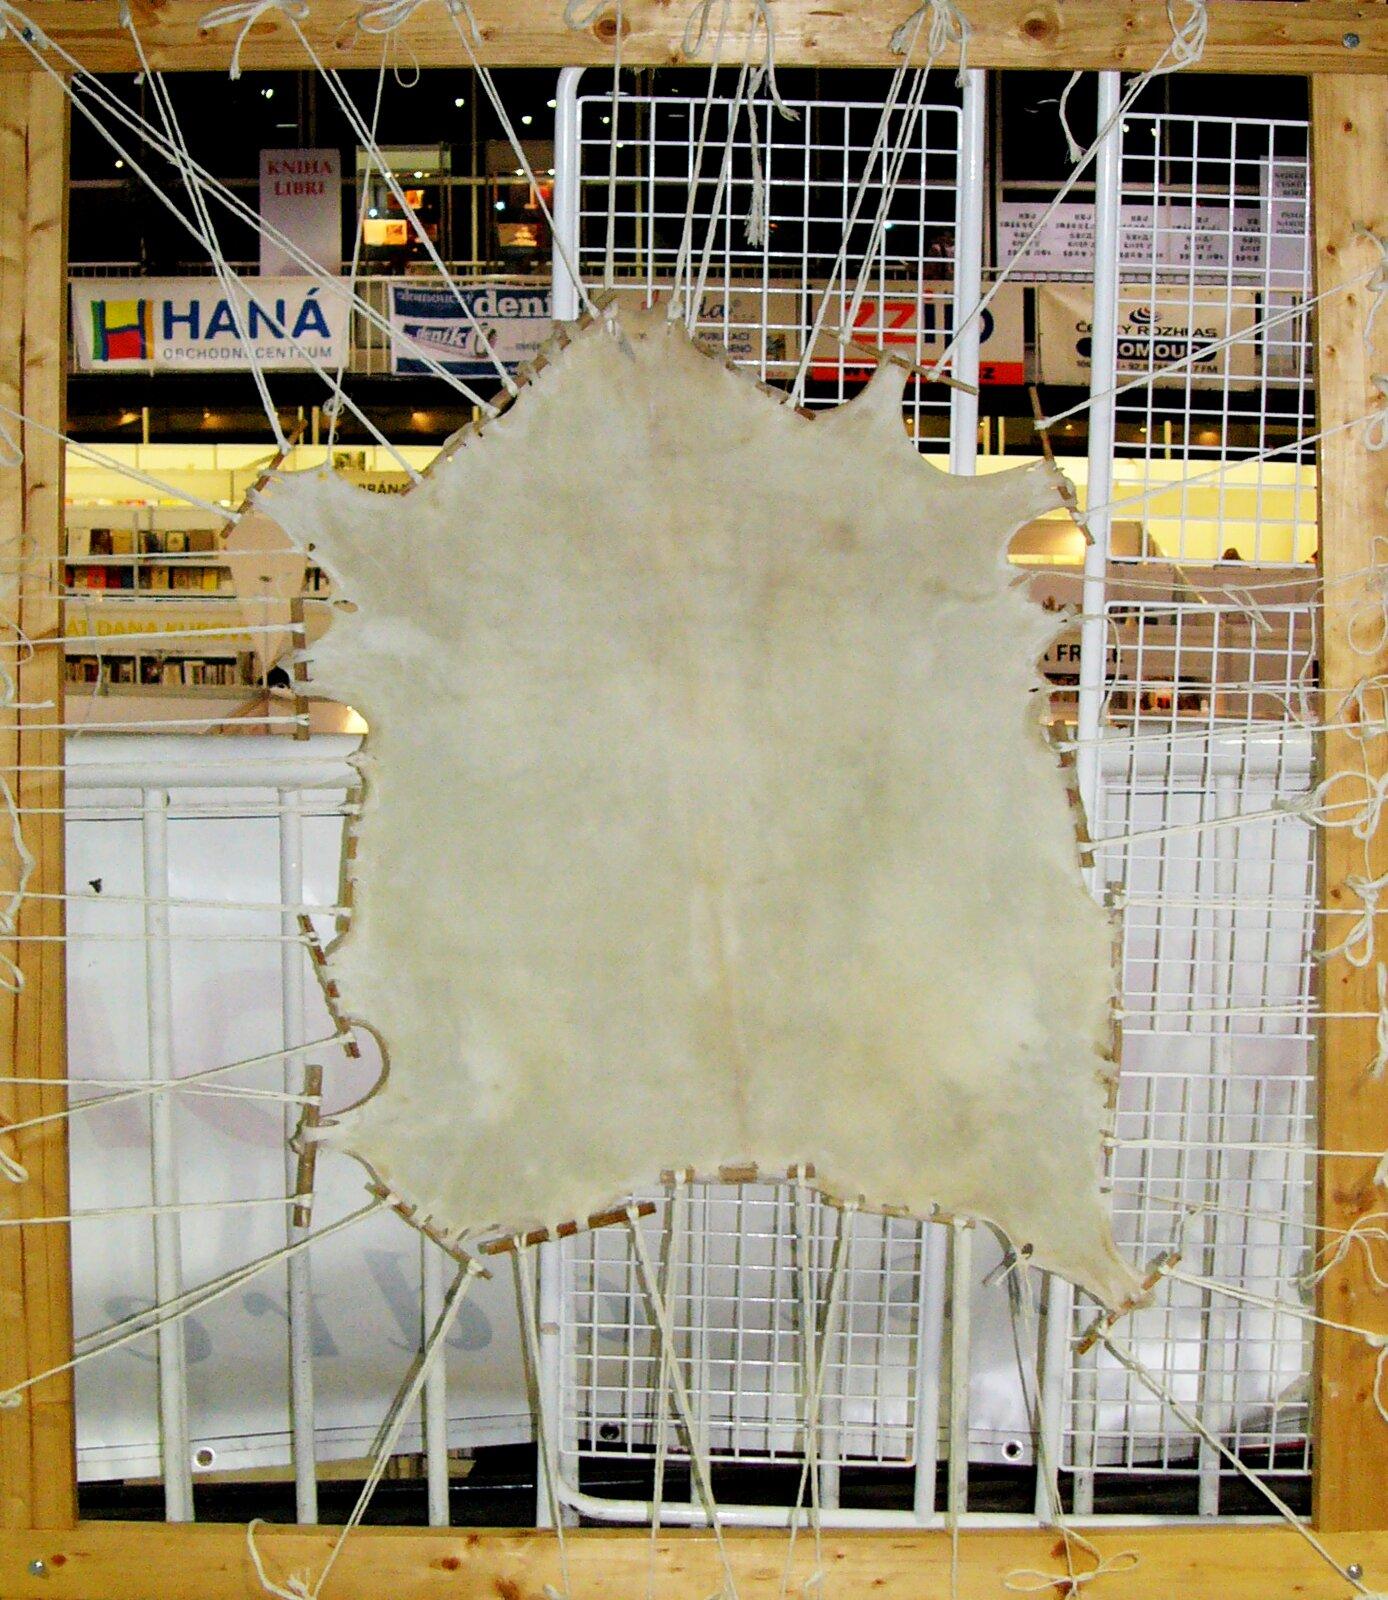 Przygotowywanie pergaminu ze skóry kozy Przygotowywanie pergaminu ze skóry kozy Źródło: Michal Maňas, Wikimedia Commons, licencja: CC BY 2.5.